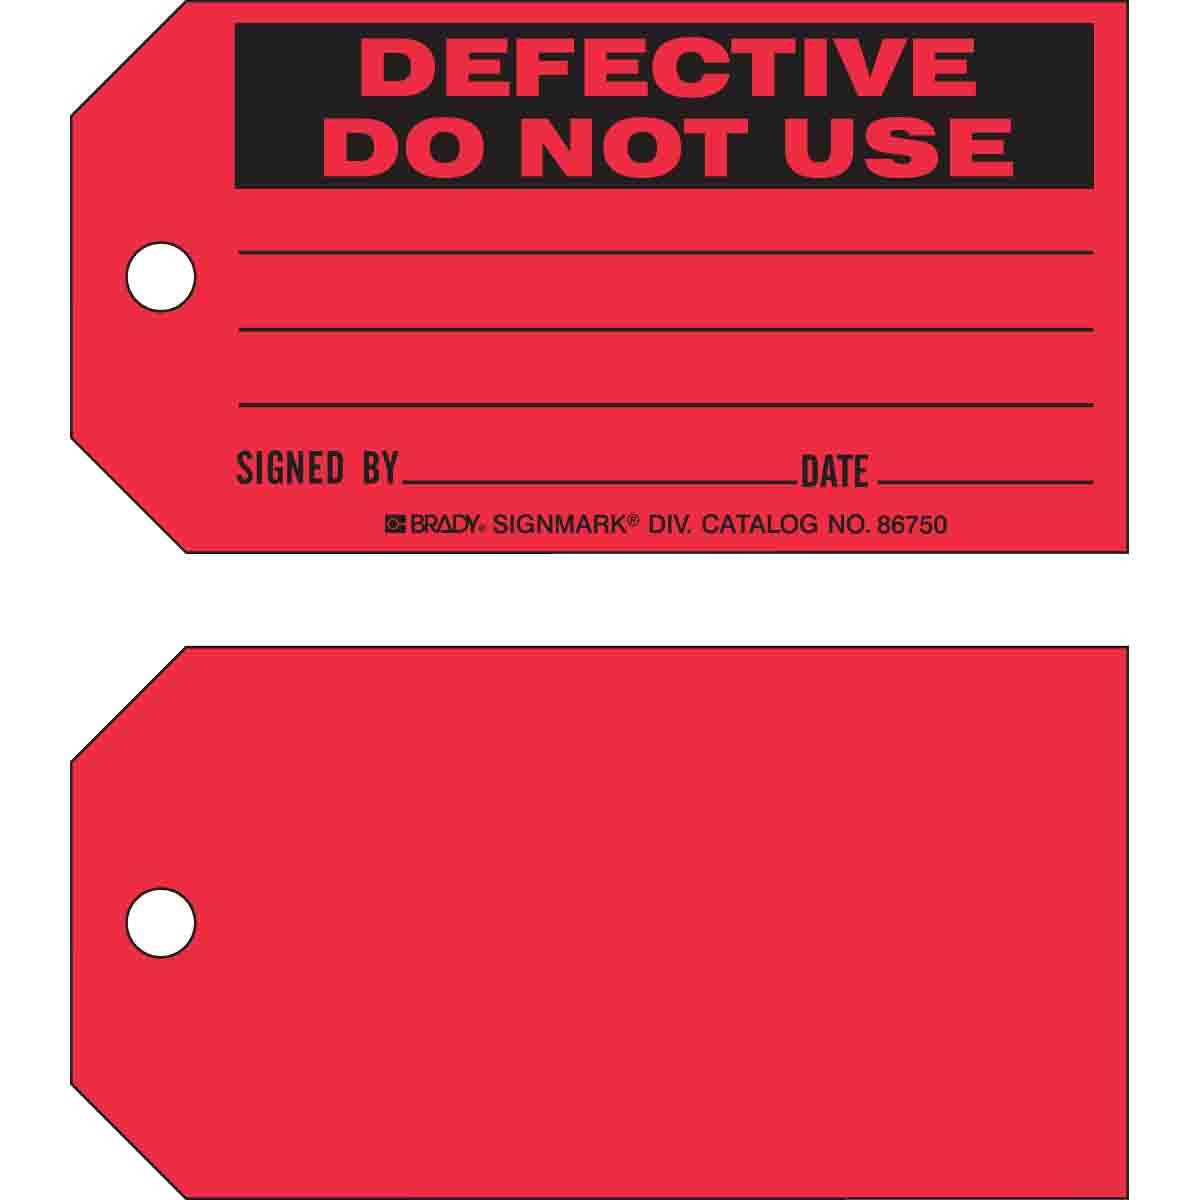 BRADY 86750 5-3/4X3 CARDSTOCK TAG